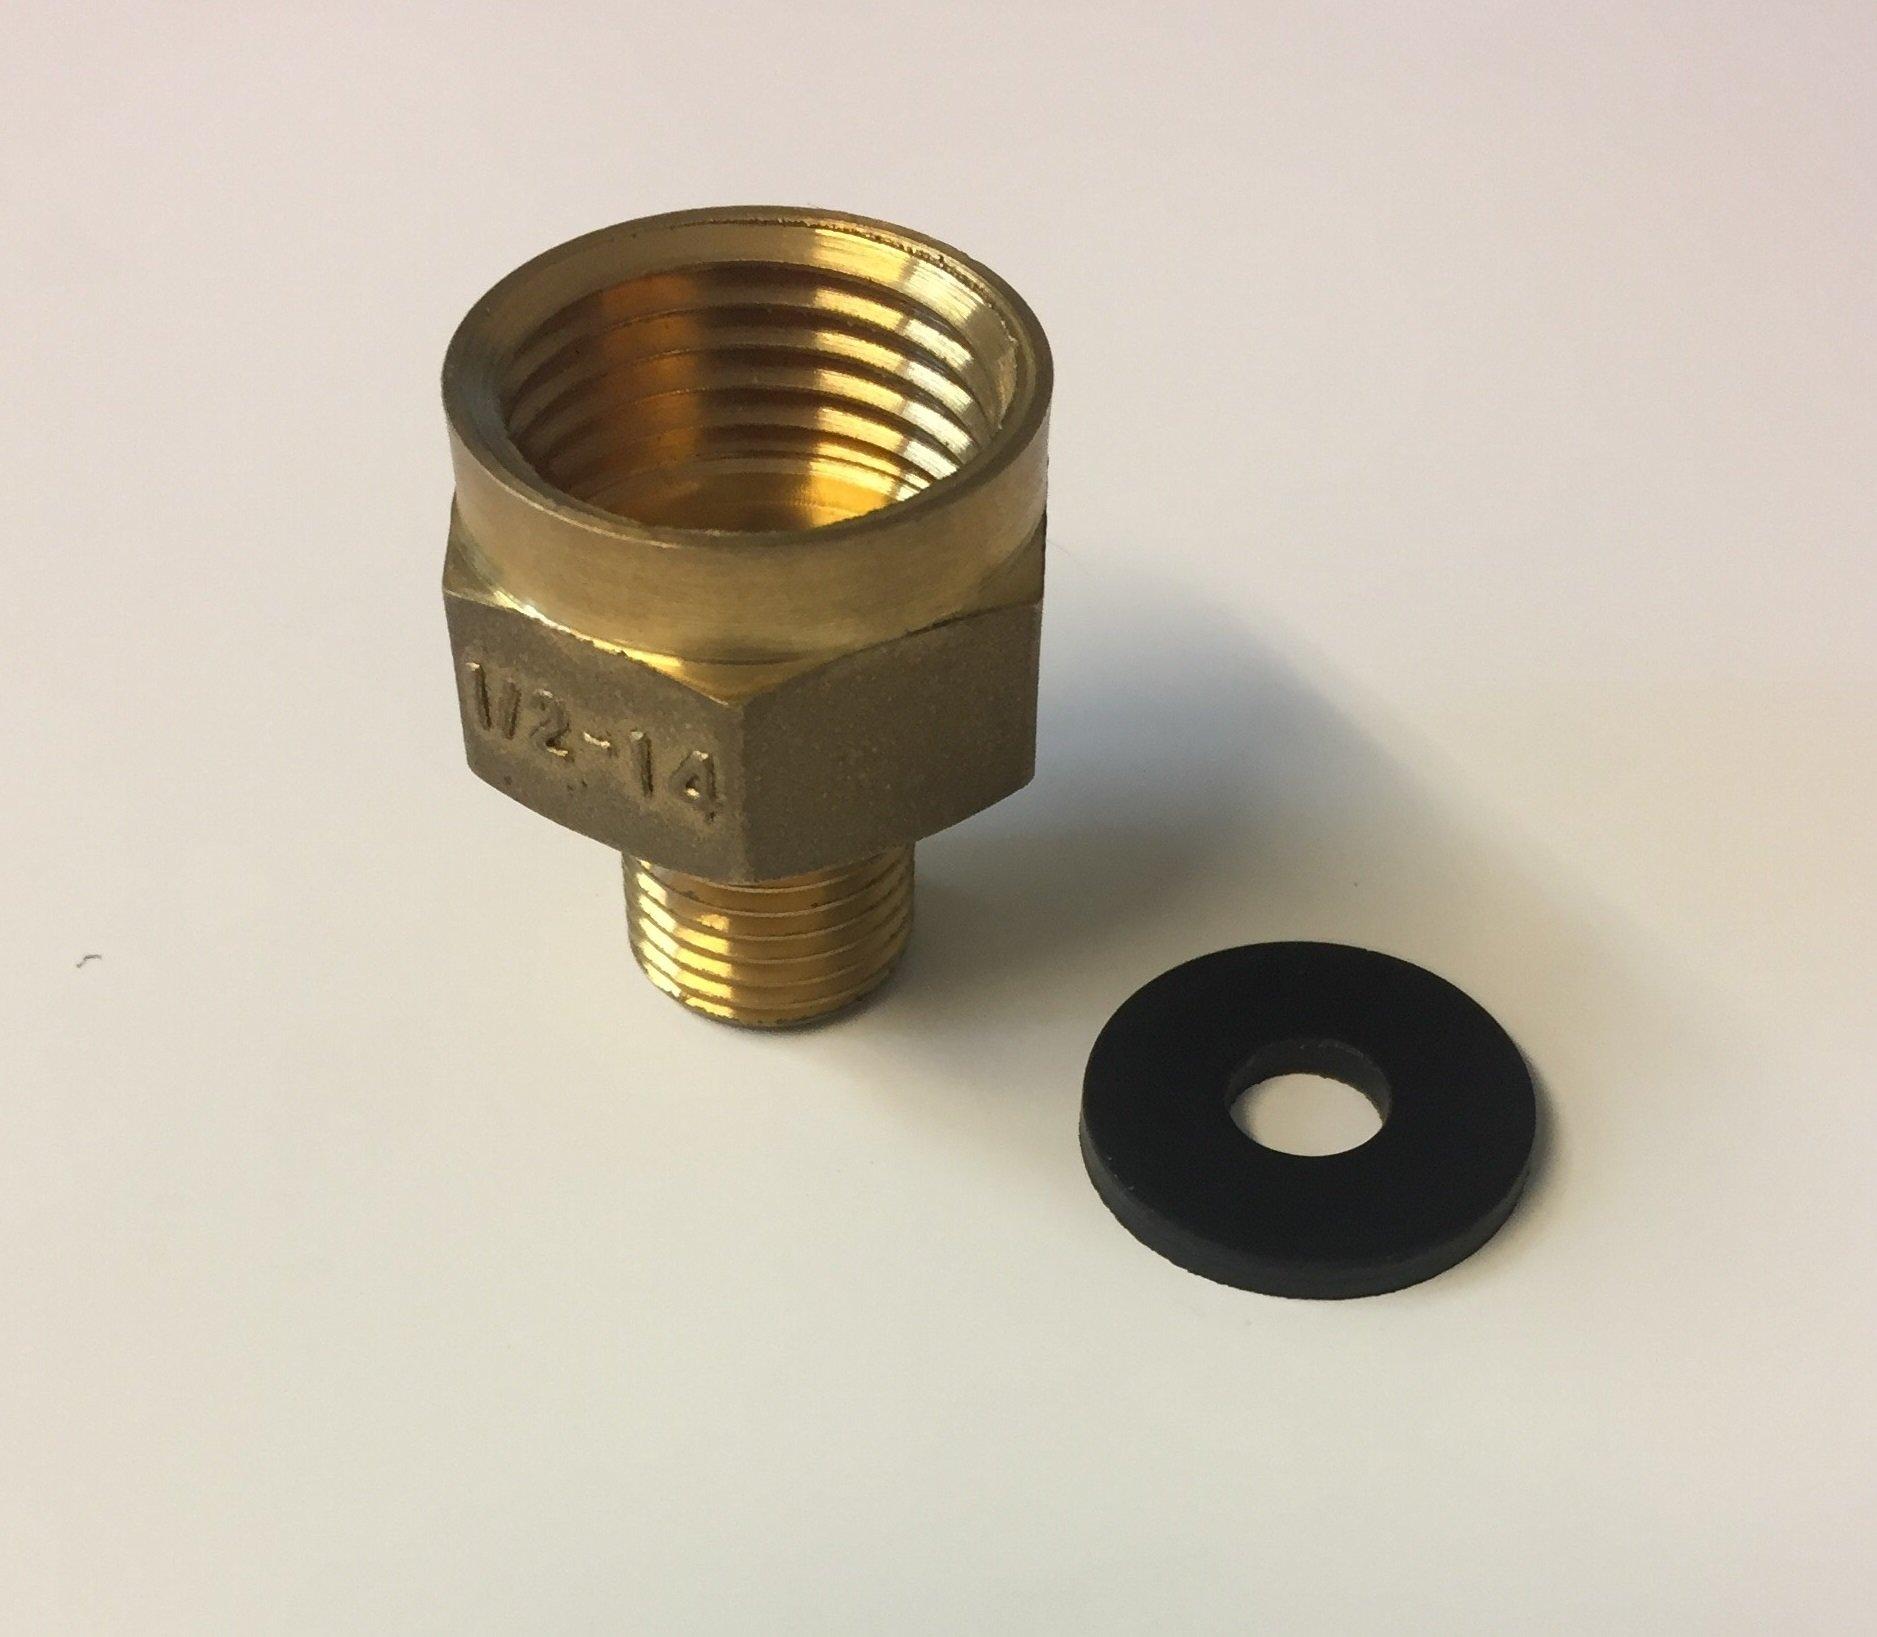 Universal del horno de la caldera de Gas Barbacoa encendedor piezoeléctrico Piezo generador de la chispa de fuego